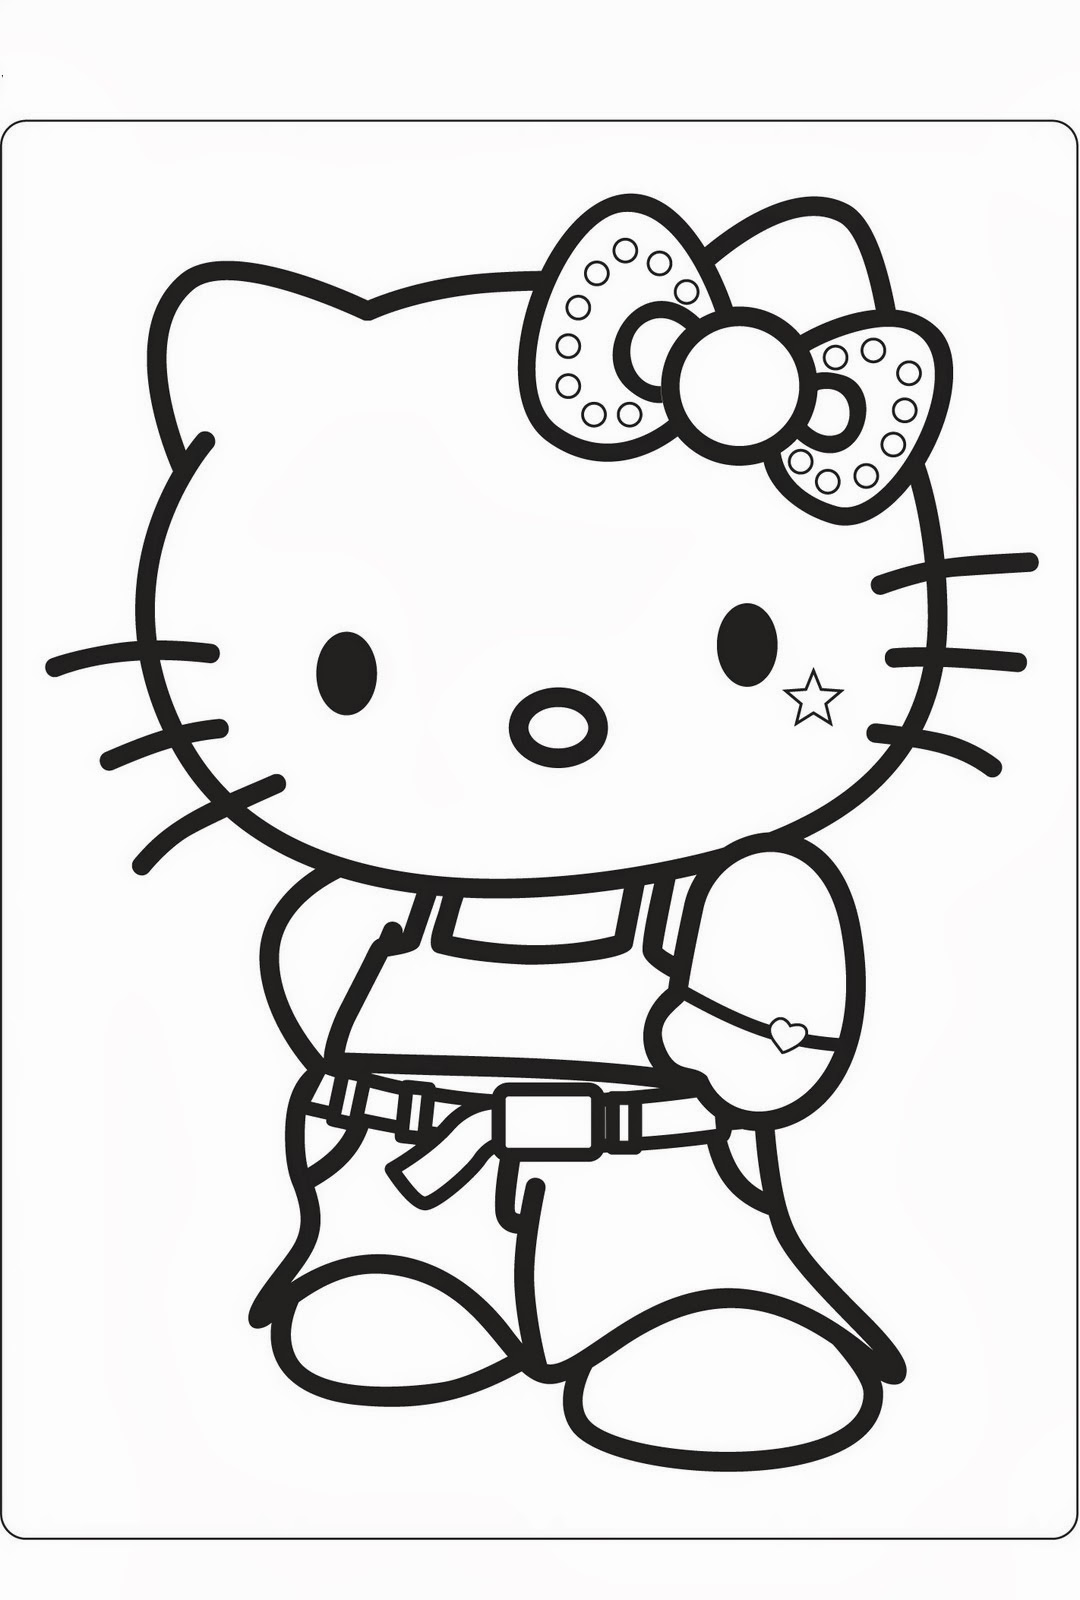 Immagini da colorare di hello kitty for Disegni da colorare hello kitty